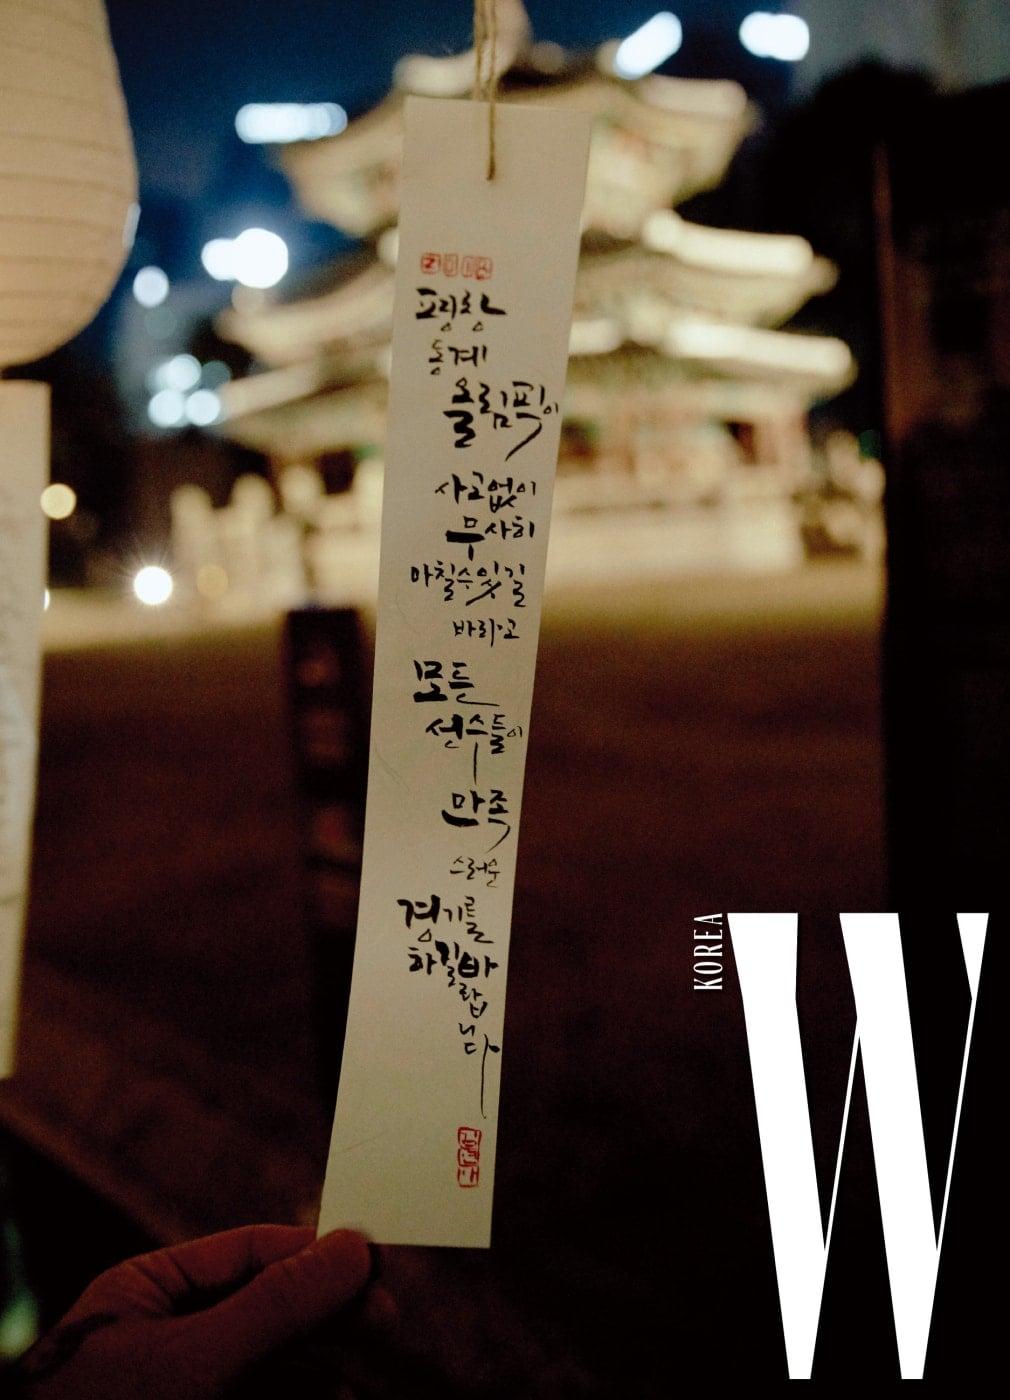 파티에 참석한 이들이 2018 평창동계올림픽 성공을 기원하며 작성한 메시지가 풍등과 함께 설치됐다. 사진 속 메시지는 김연아의 것.